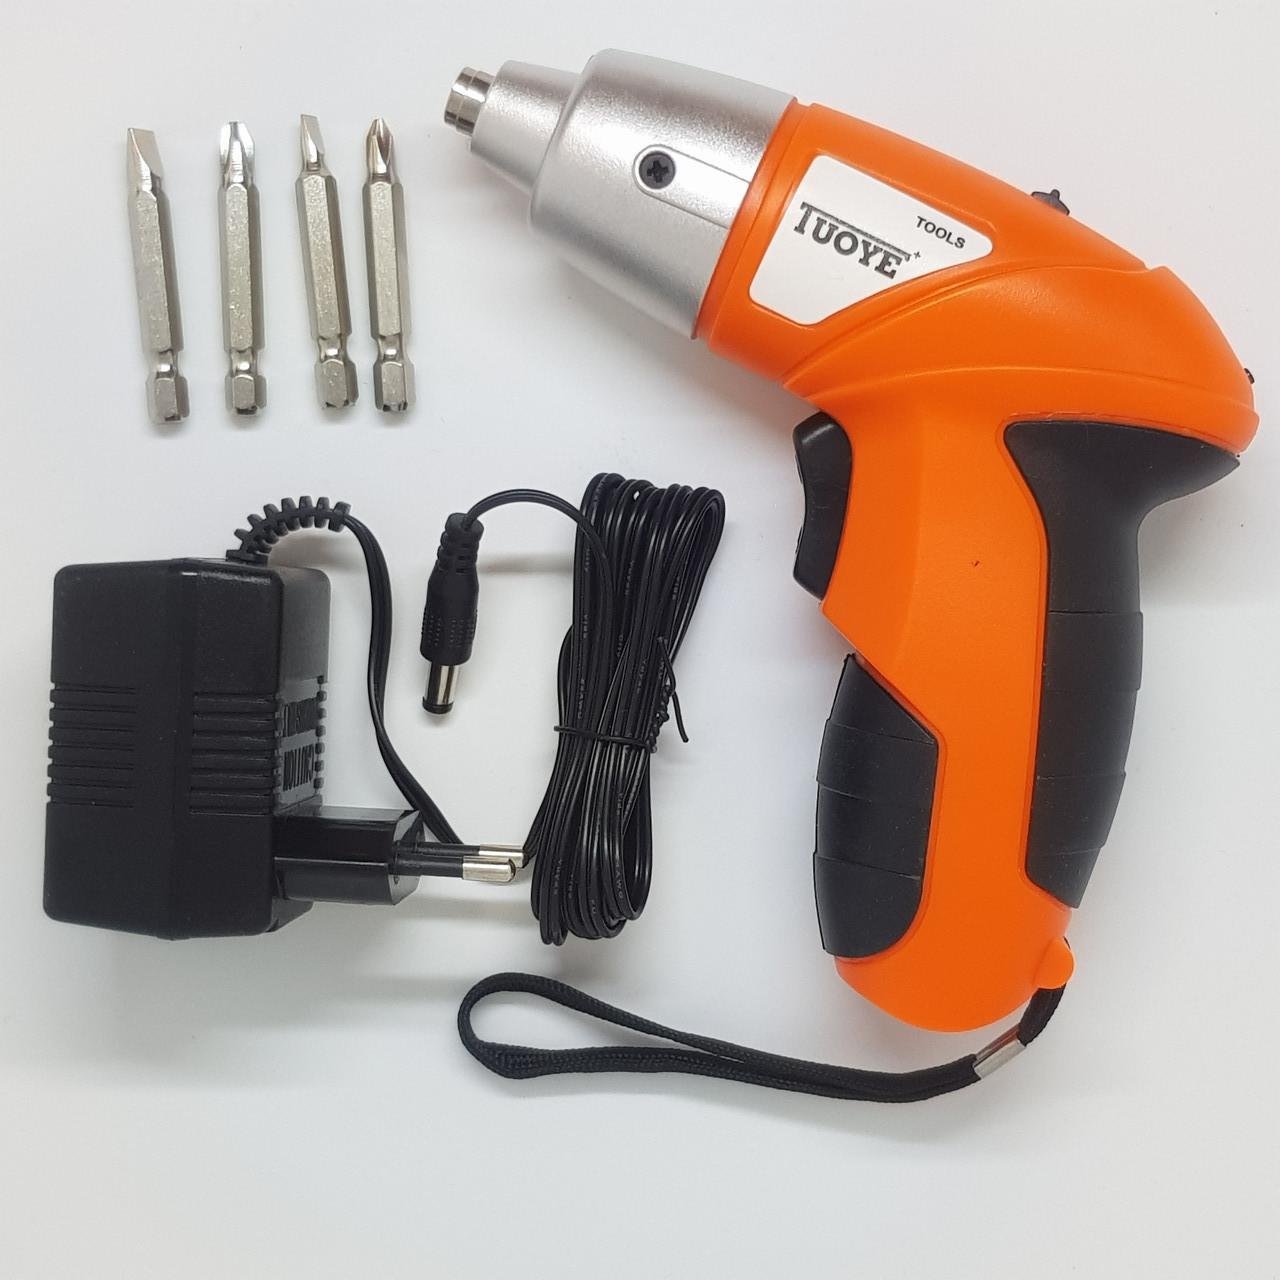 Компактный аккумуляторный шуруповерт беспроводная электрическая отвертка Tuoye